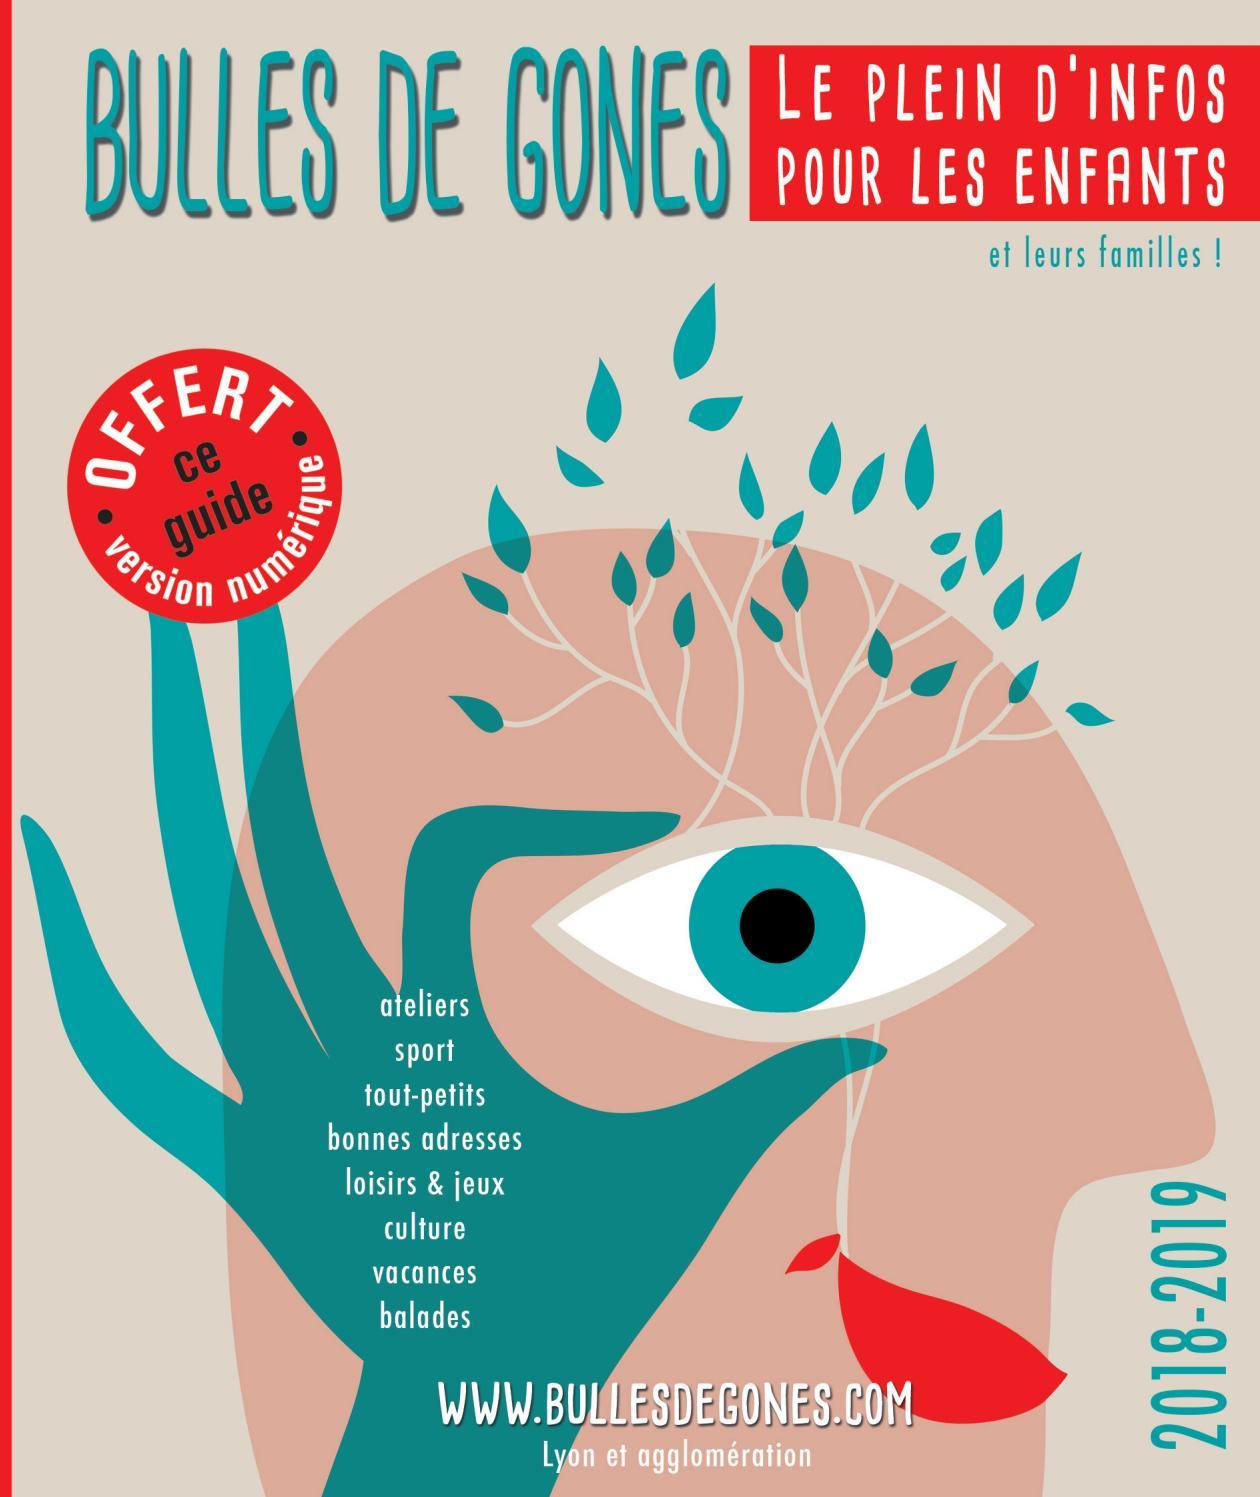 Bulles de gones le guide 2018 by brigitte trouvat - issuu 75b9d544698